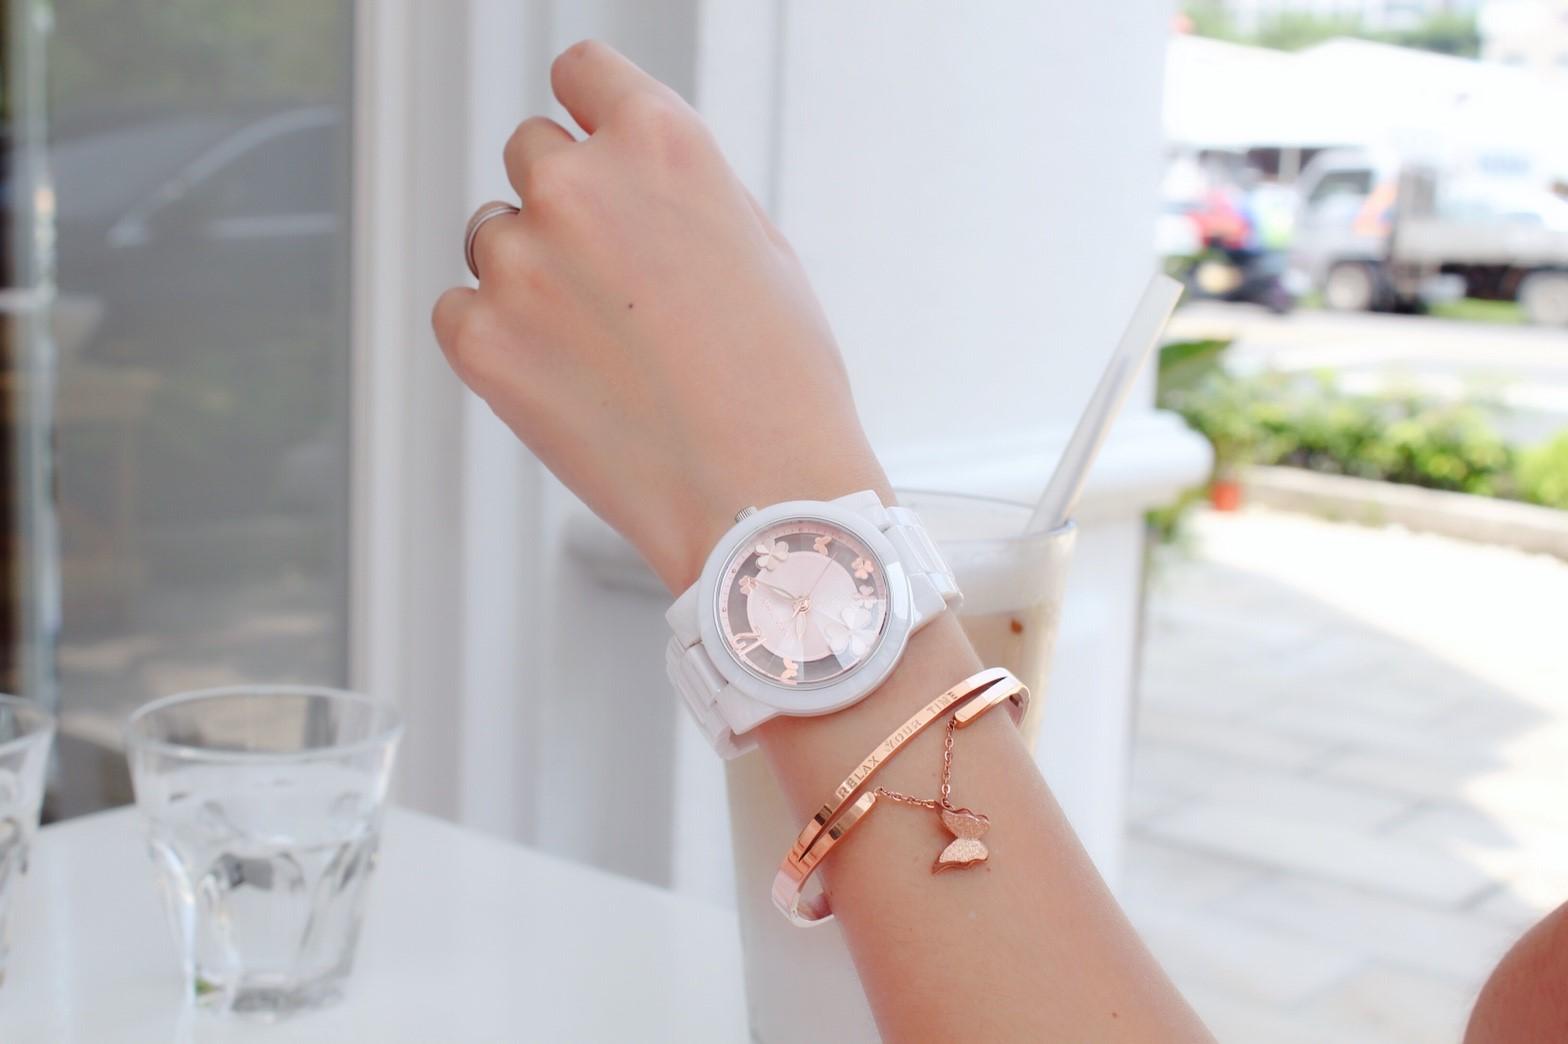 ►聖誕節禮物◄ RELAX TIME RT-80-3 Garden系列 鏤空陶瓷腕錶 送手環 玫瑰金 38MM 2